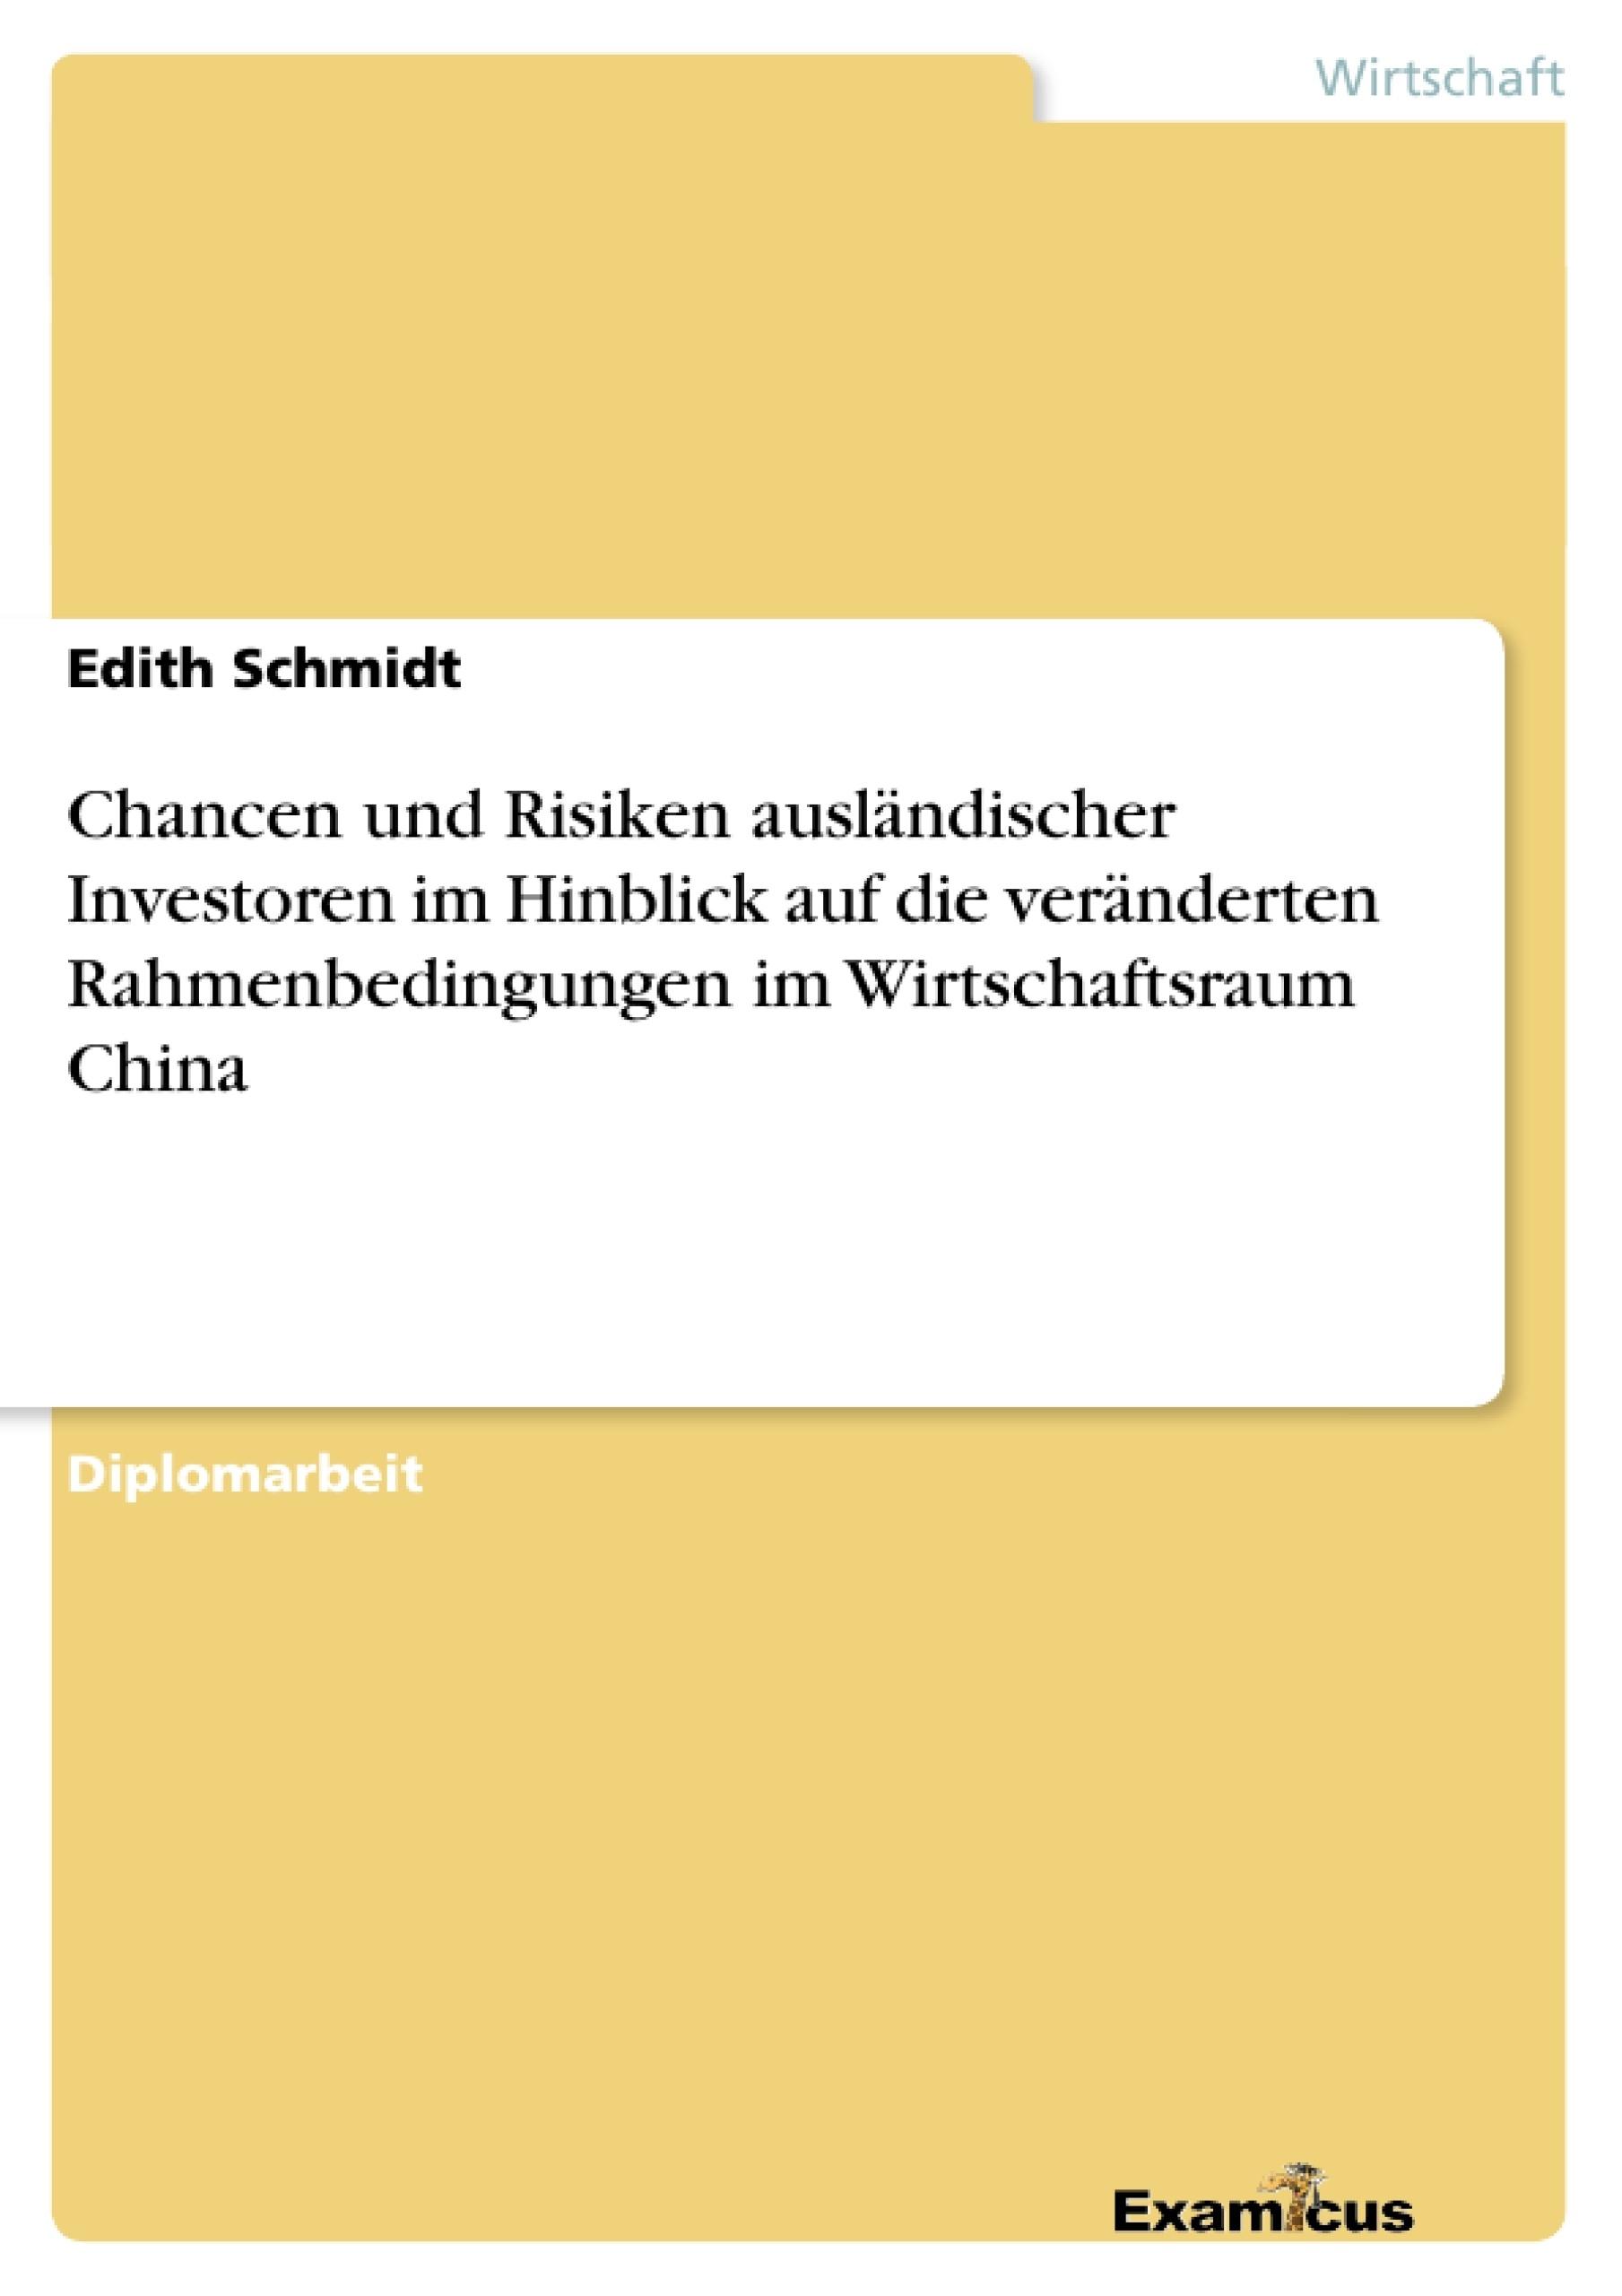 Titel: Chancen und Risiken ausländischer Investoren im Hinblick auf die veränderten Rahmenbedingungen im Wirtschaftsraum China